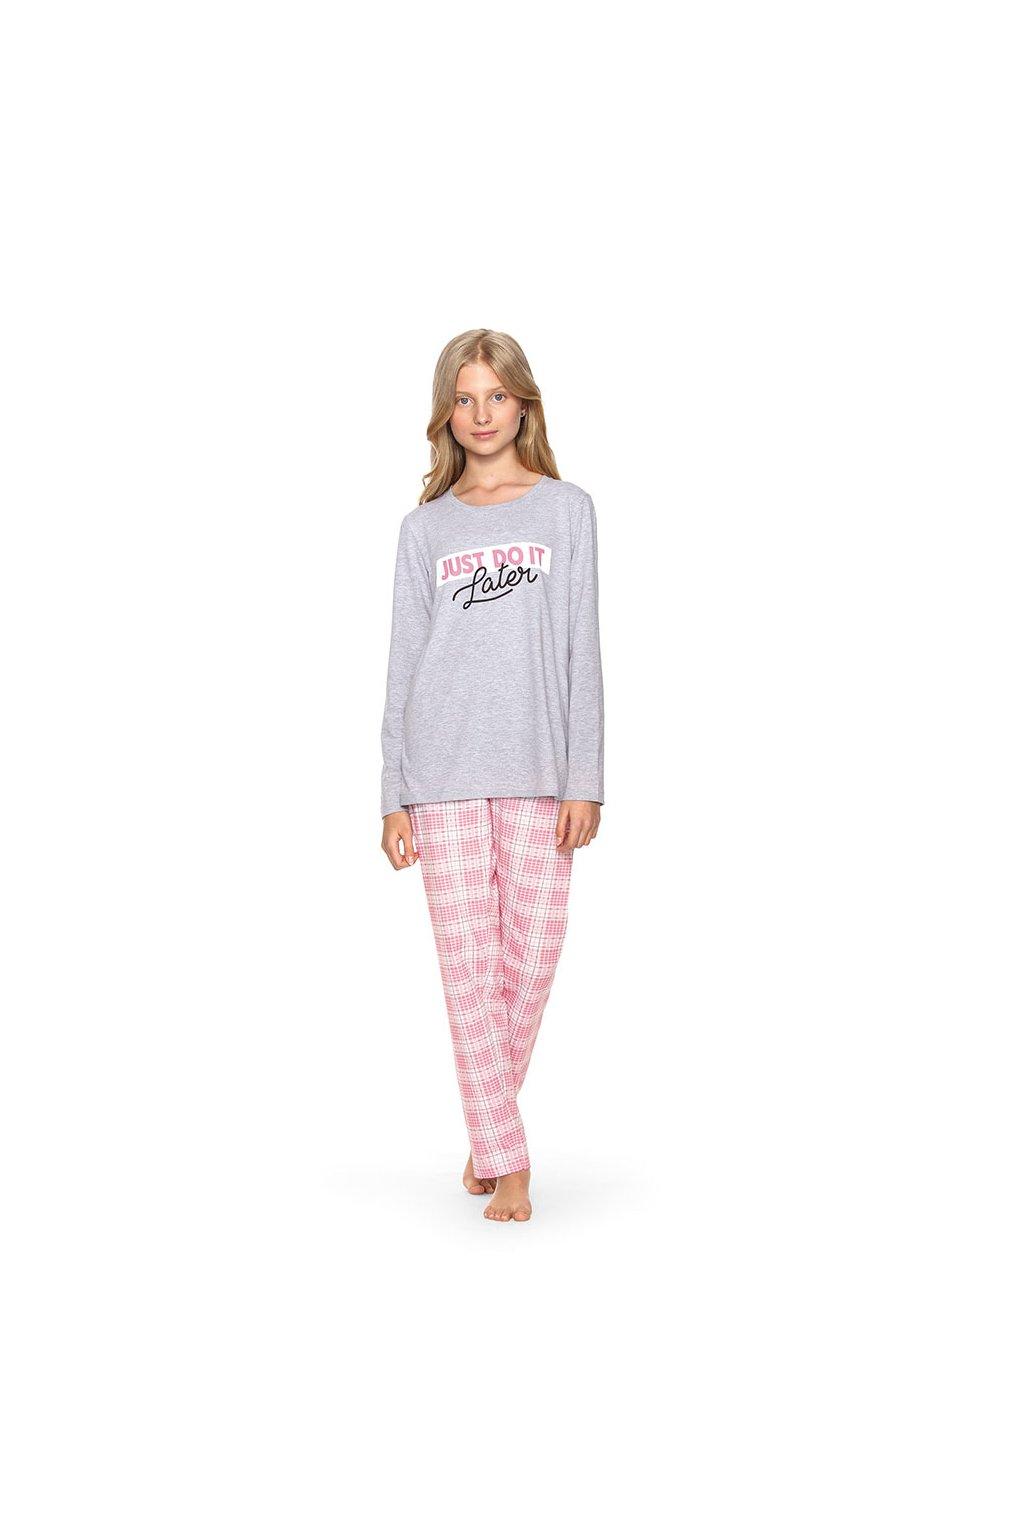 Dívčí pyžamo YOUNG FASHION s dlouhým rukávem, 70477 30, šedá